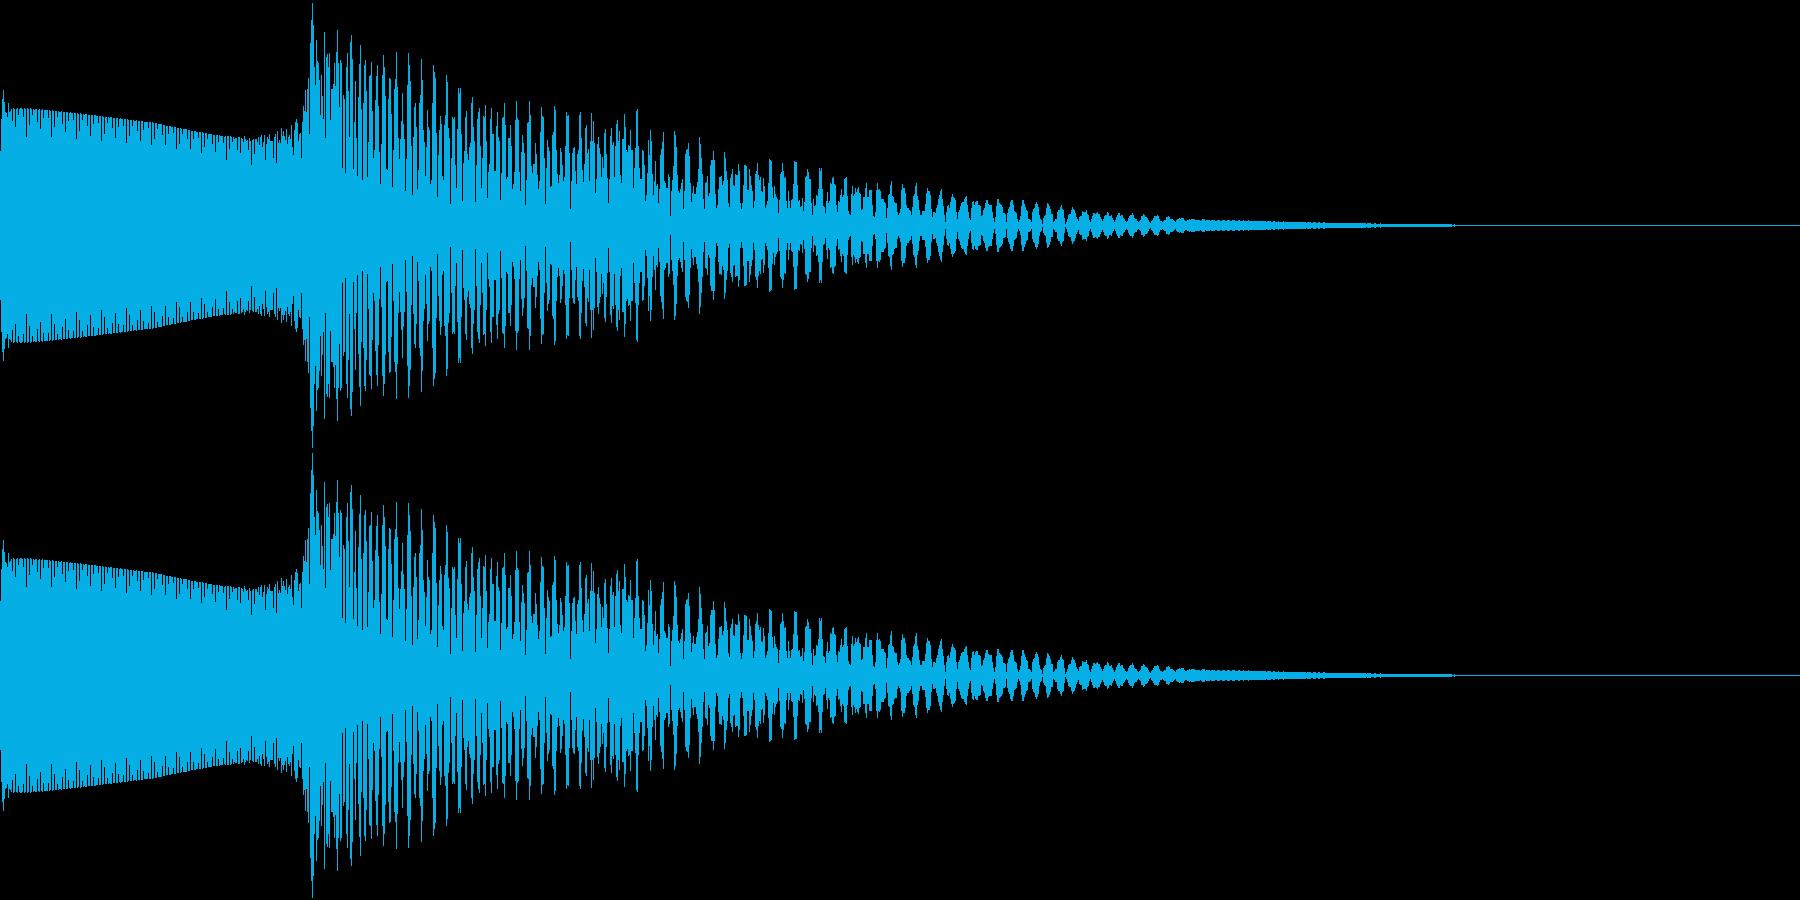 RPG エフェクティブな電子音の再生済みの波形